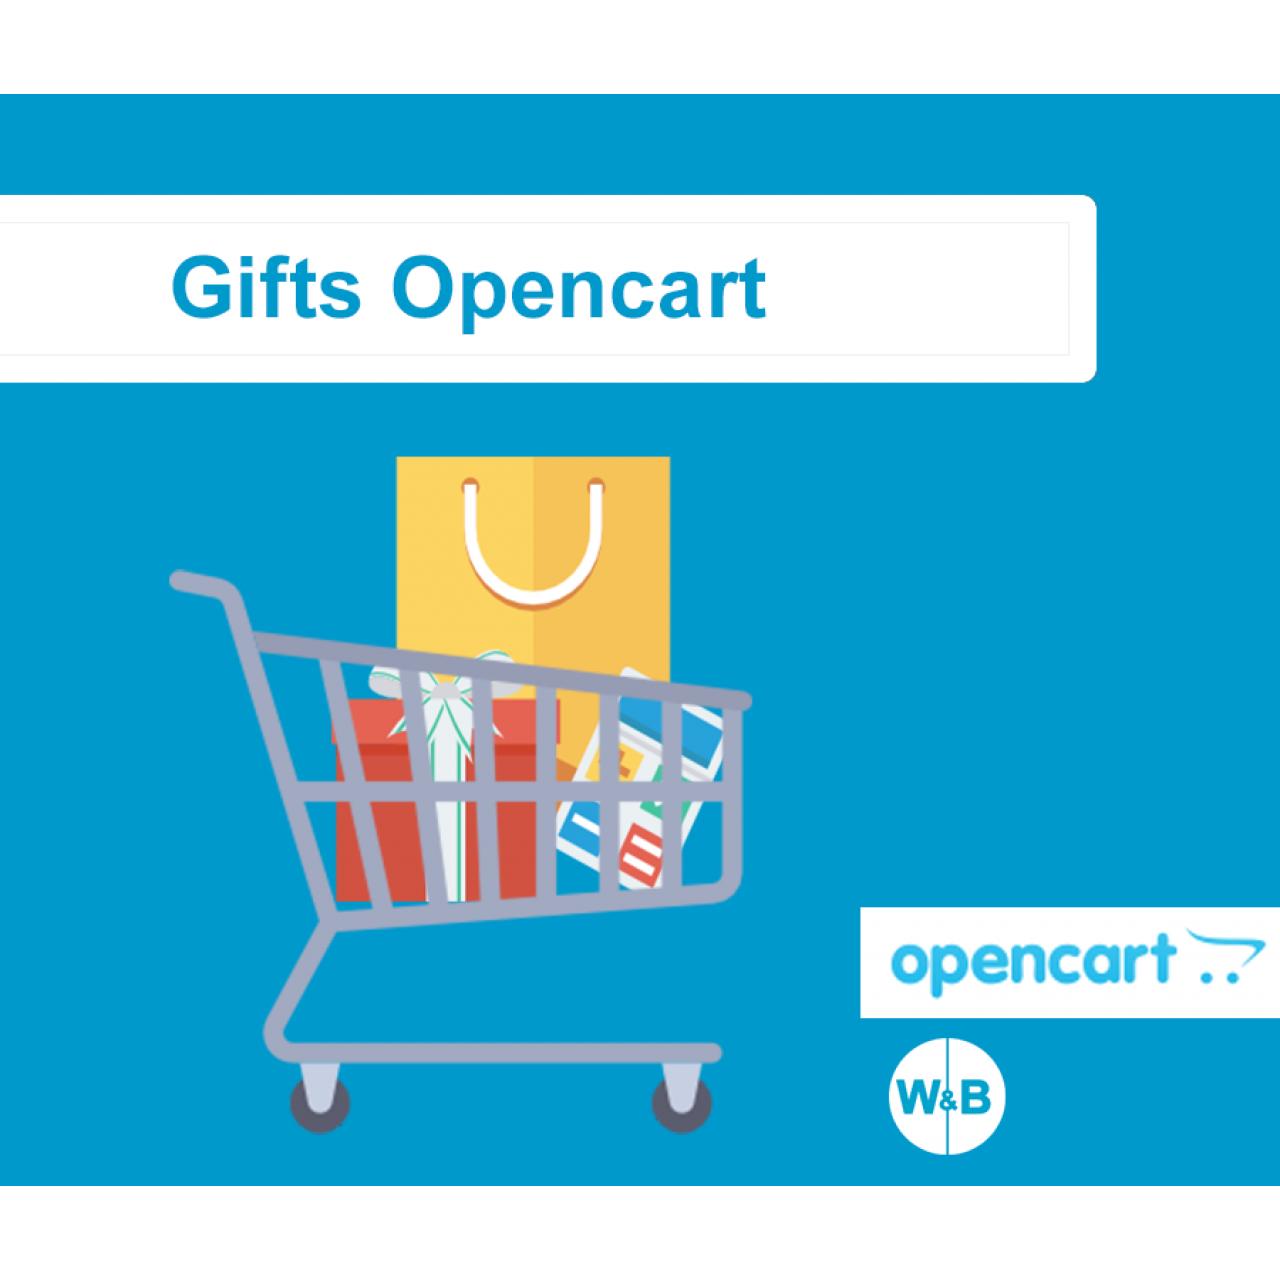 Подарки Opencart из категории Цены, скидки, акции для CMS OpenCart (ОпенКарт)